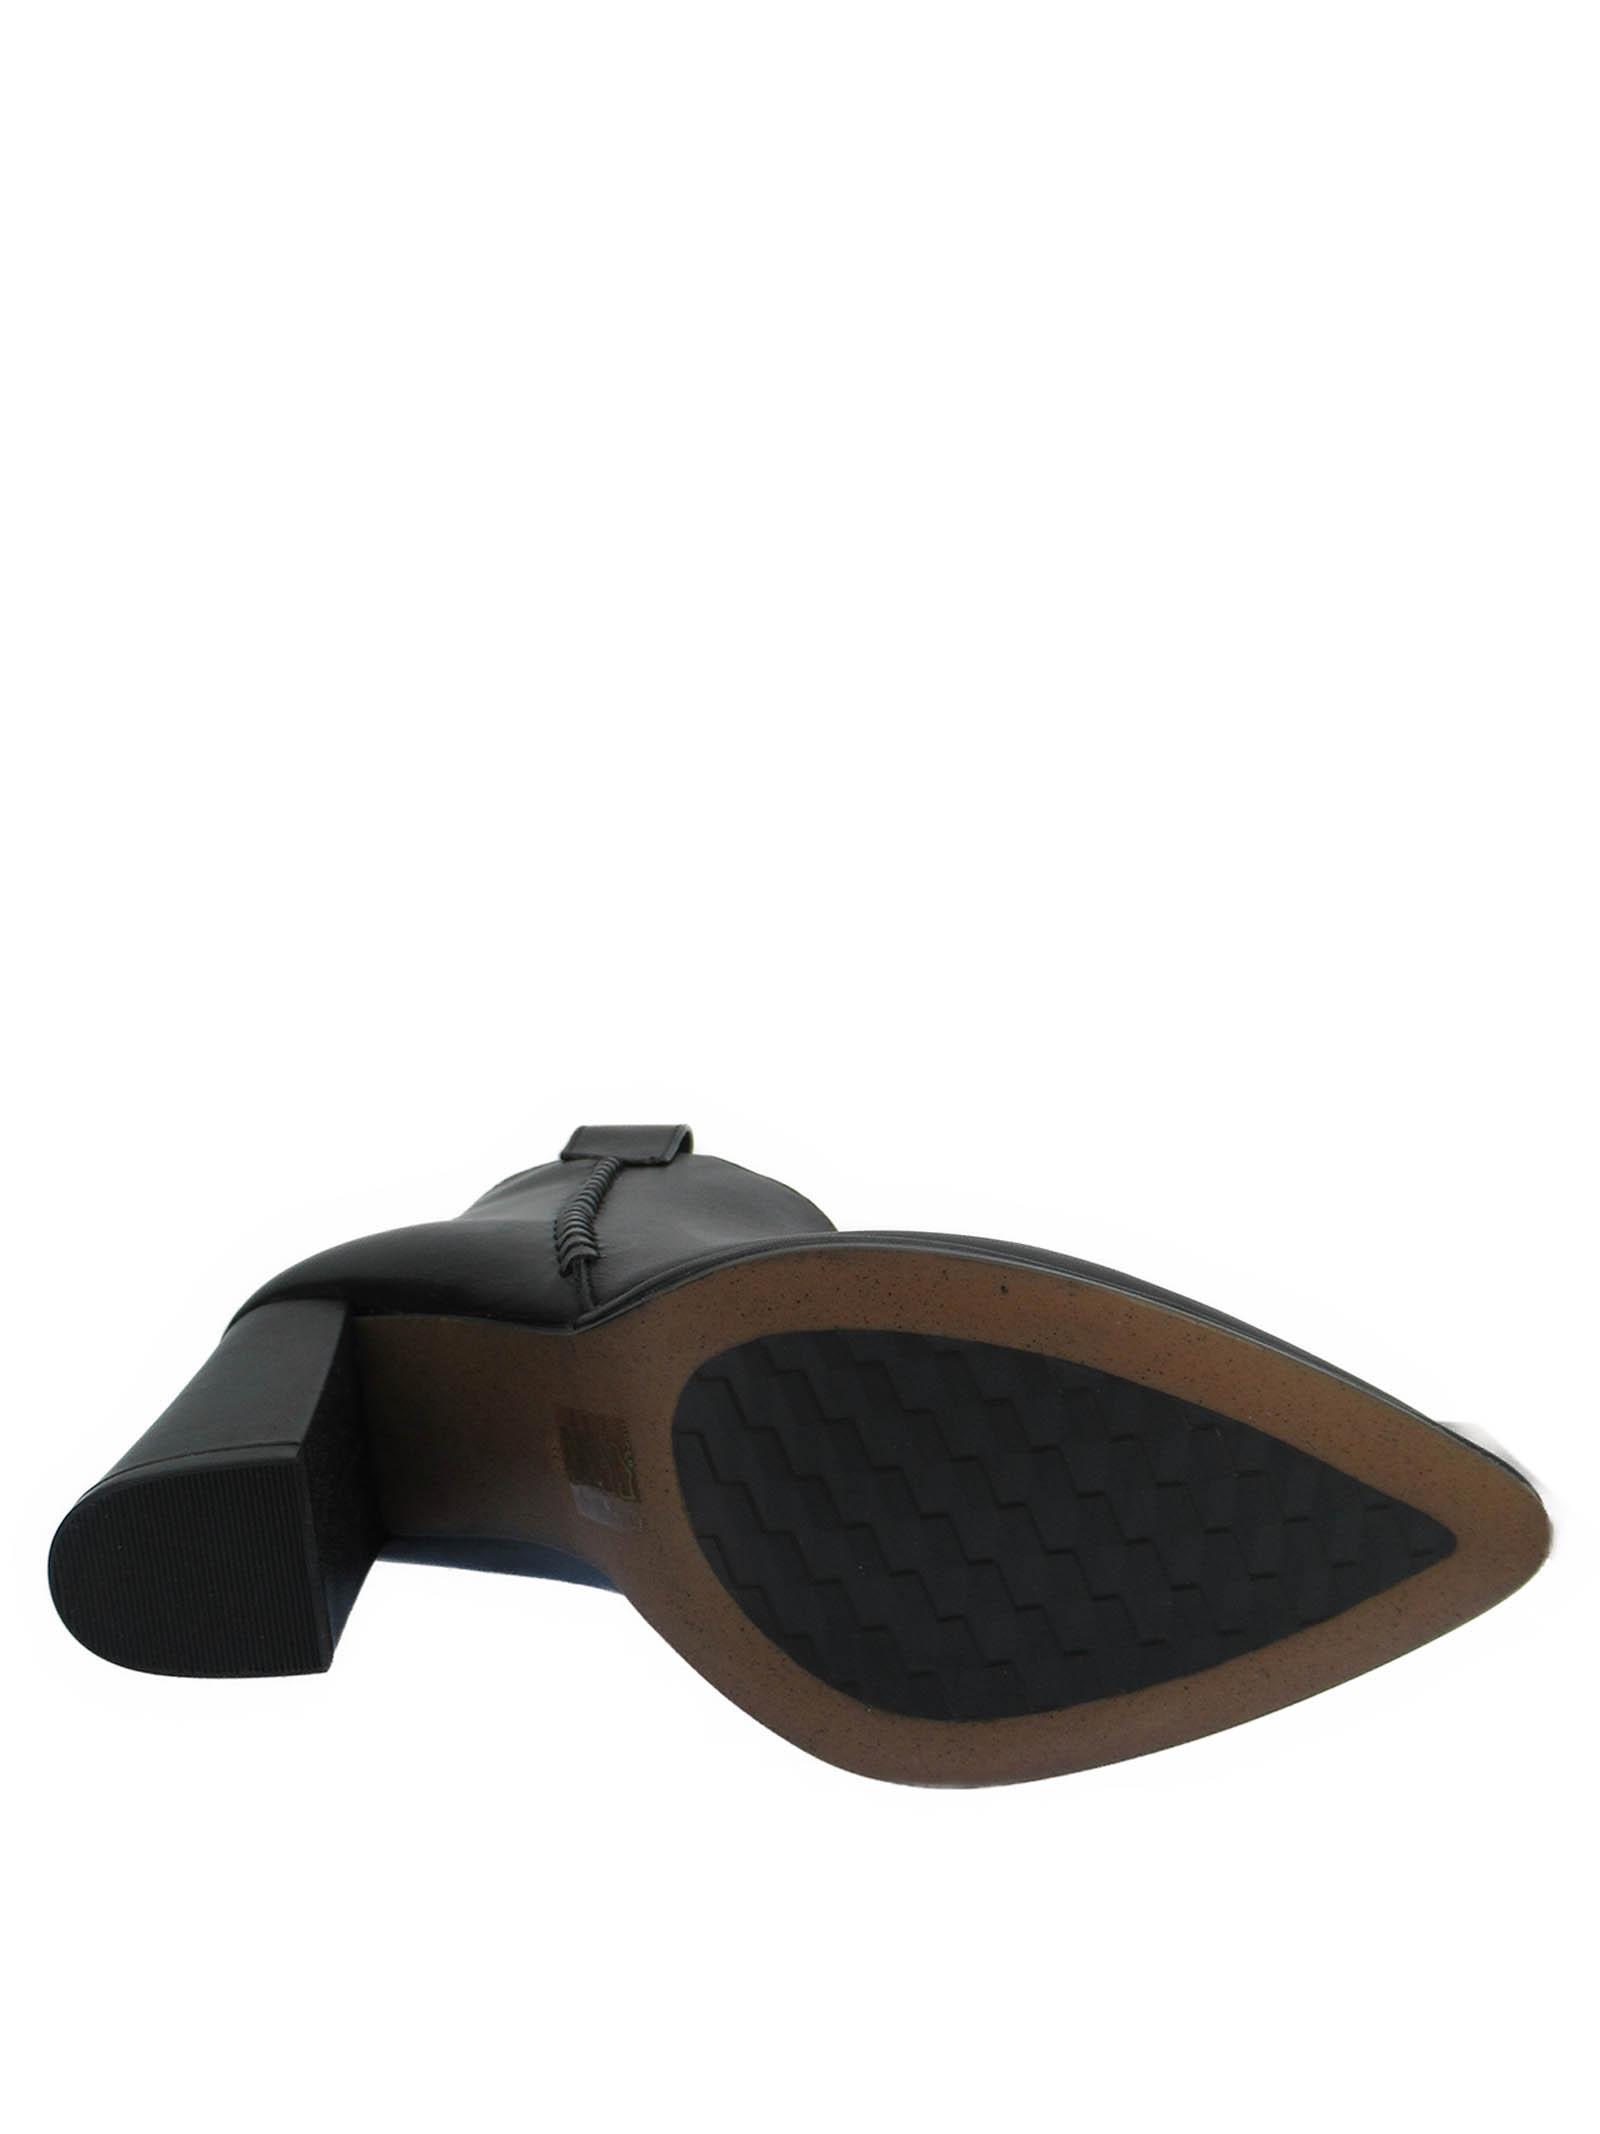 Calzature Donna Stivaletti in Pelle Nera con Treccia in Pelle a Tono Punta a Punta e Tacco Alto Bruno Premi | Stivaletti | BC6001X001